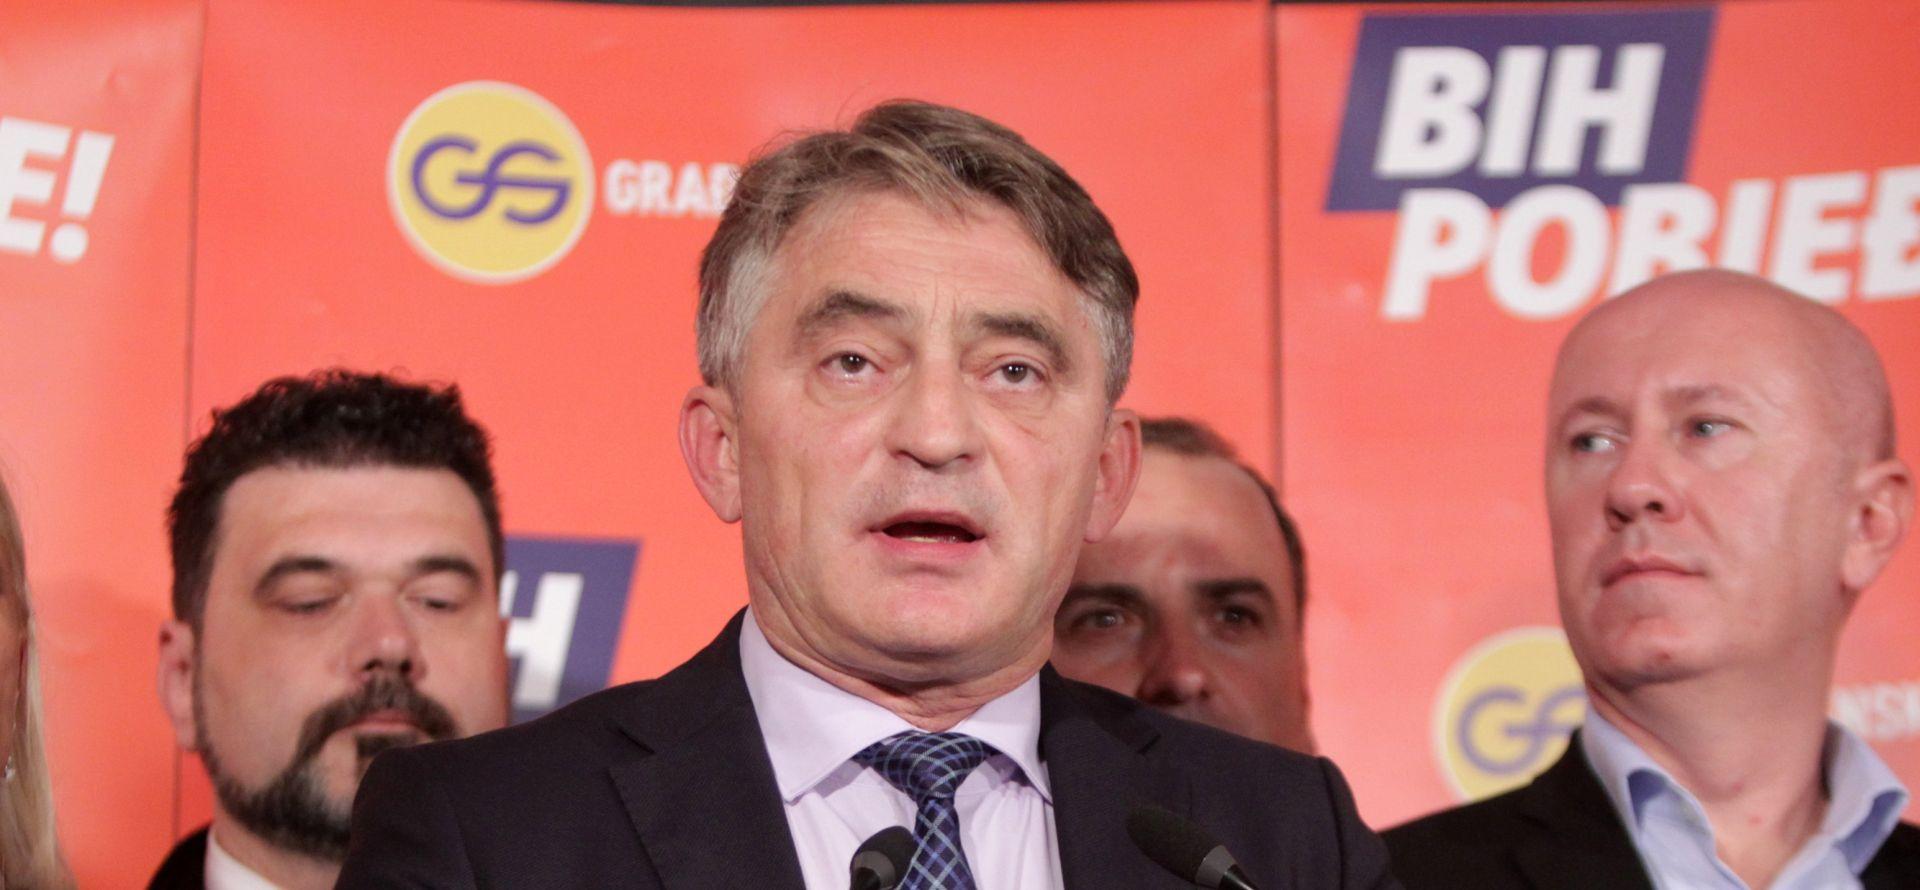 BIH Hrvatske institucije osporavaju Komšićev izbor